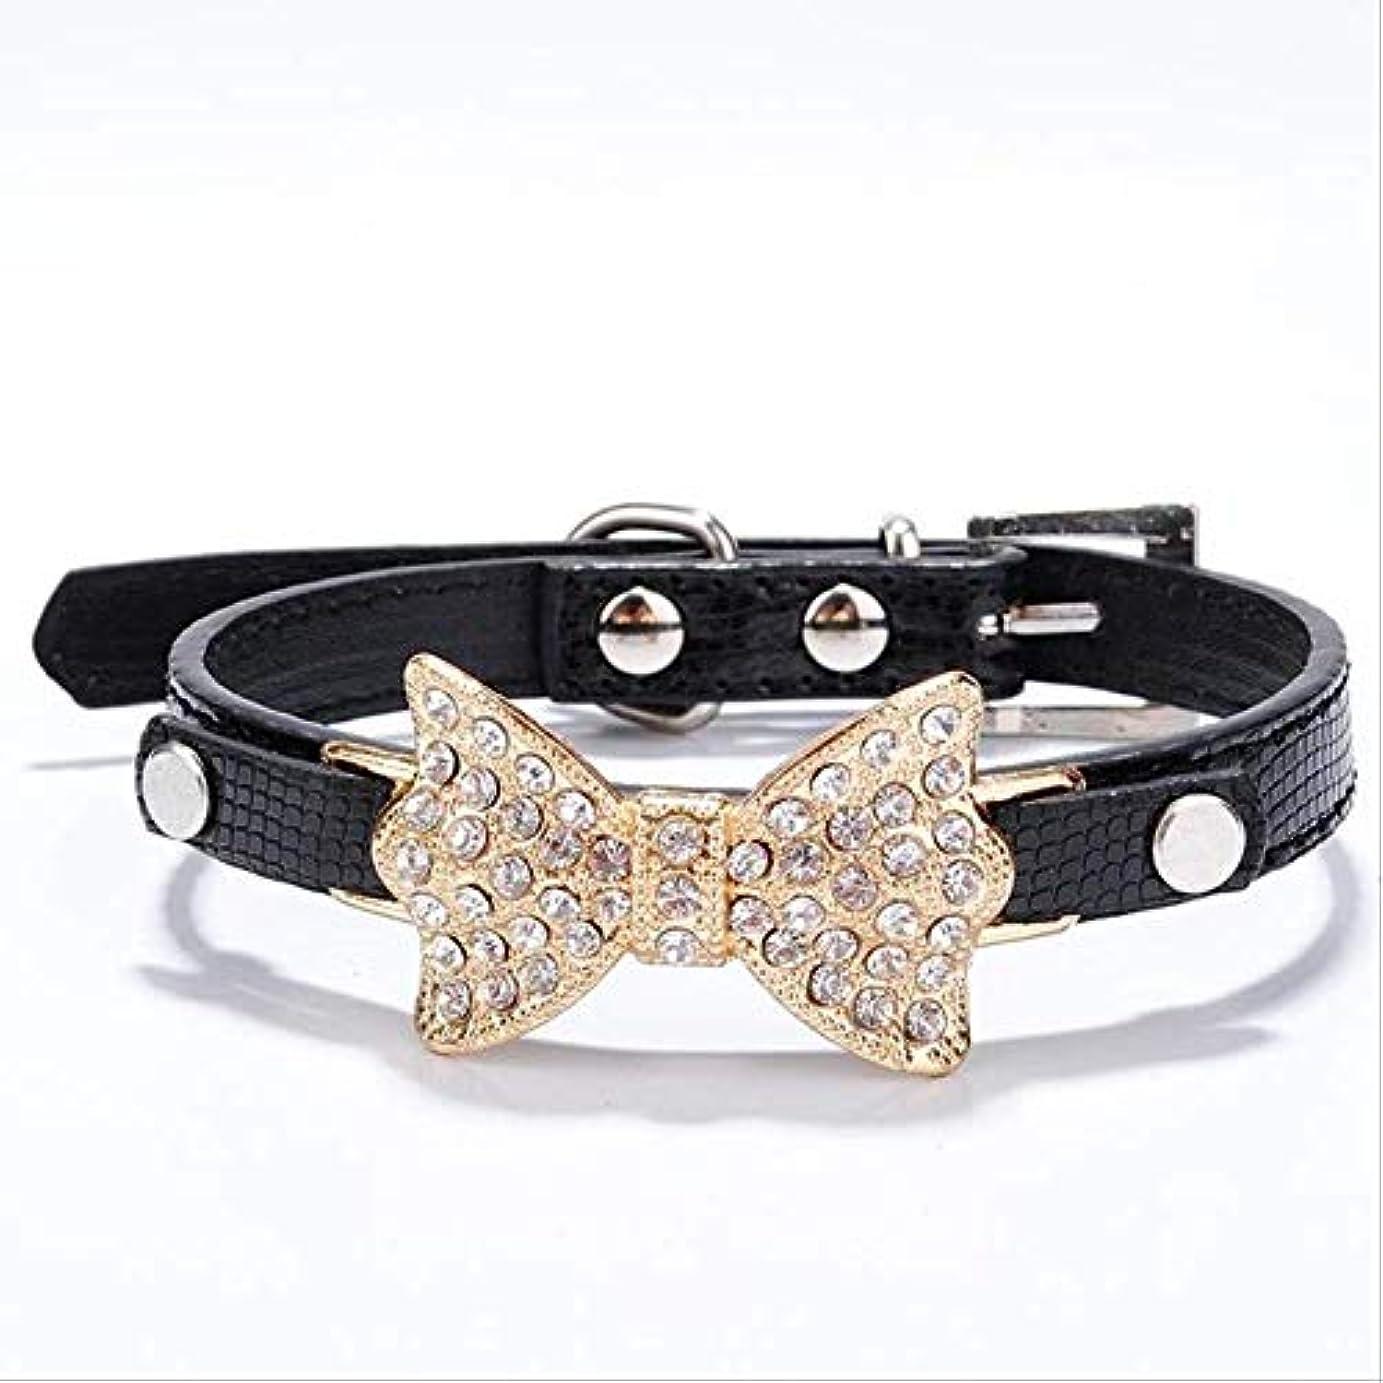 富うがい薬枯渇するDog Collar Small Dog Bow Pu Leather Pet Collar Puppies Cat Necklace Dog Harness Harness Rope Dog Accessories Black S